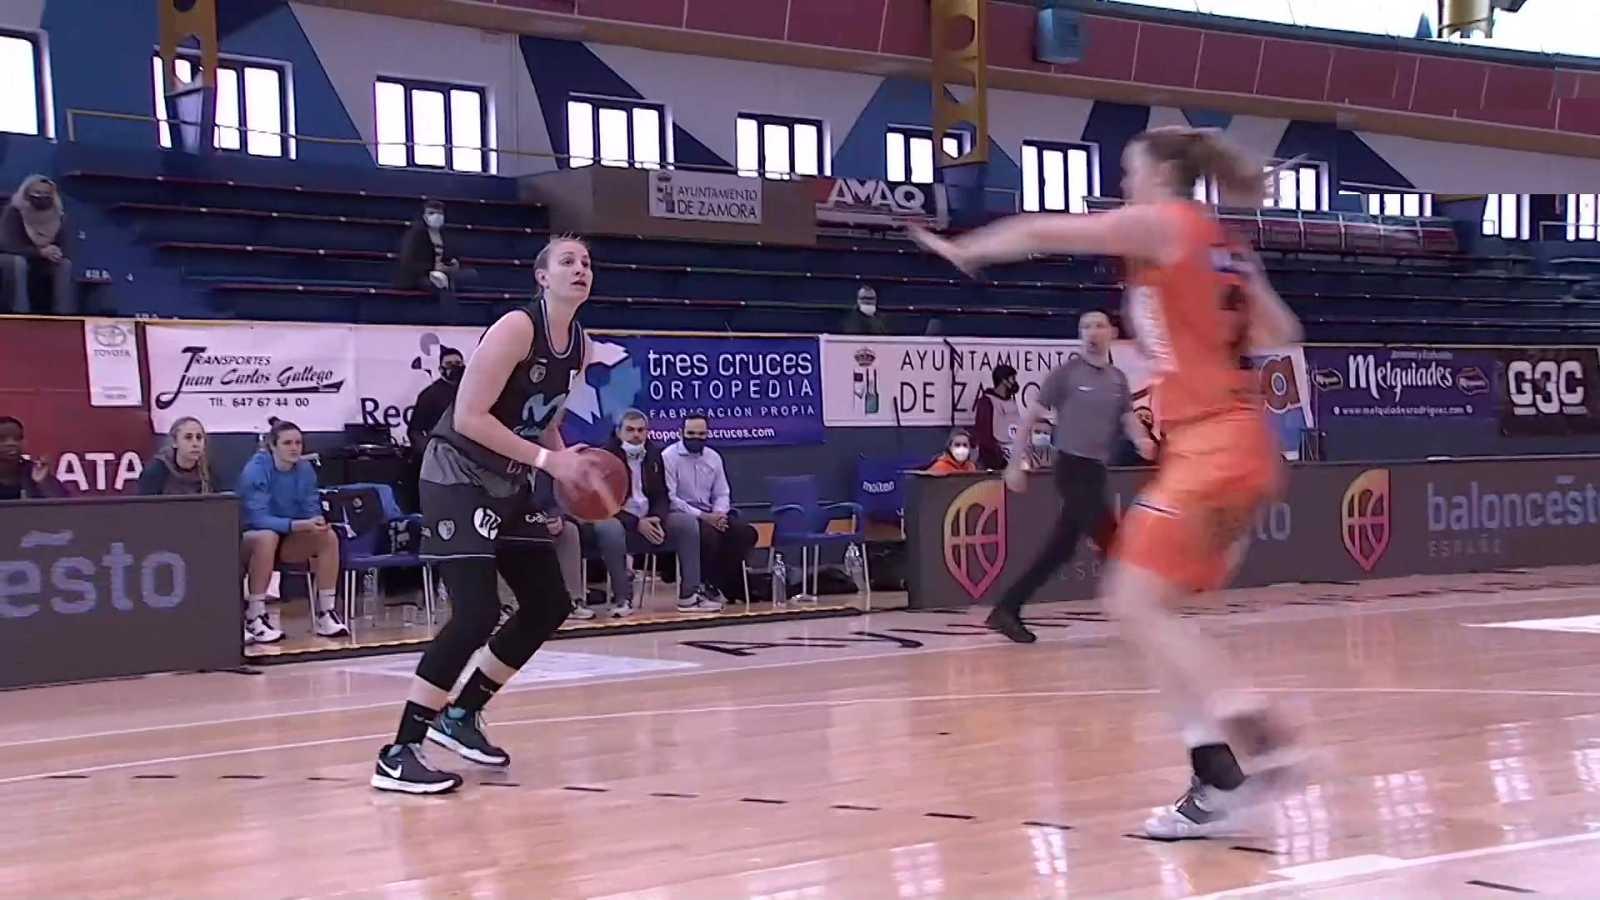 Baloncesto - Liga femenina Endesa. 21ª jornada: Quesos El Pastor - Movistar Estudiantes - ver ahora